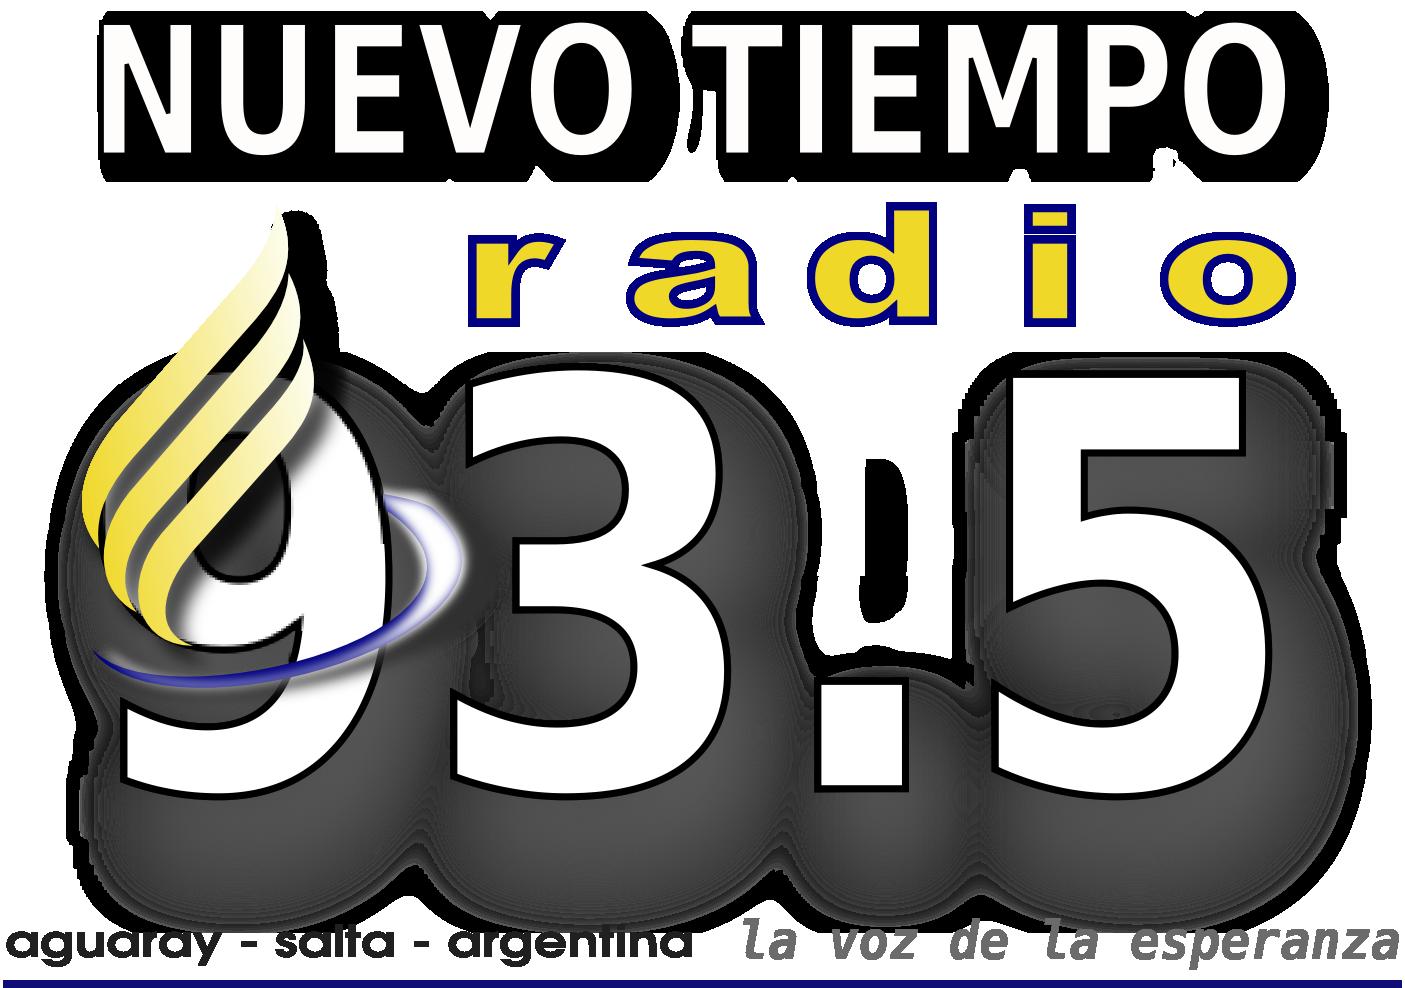 musica de radio nuevo tiempo: